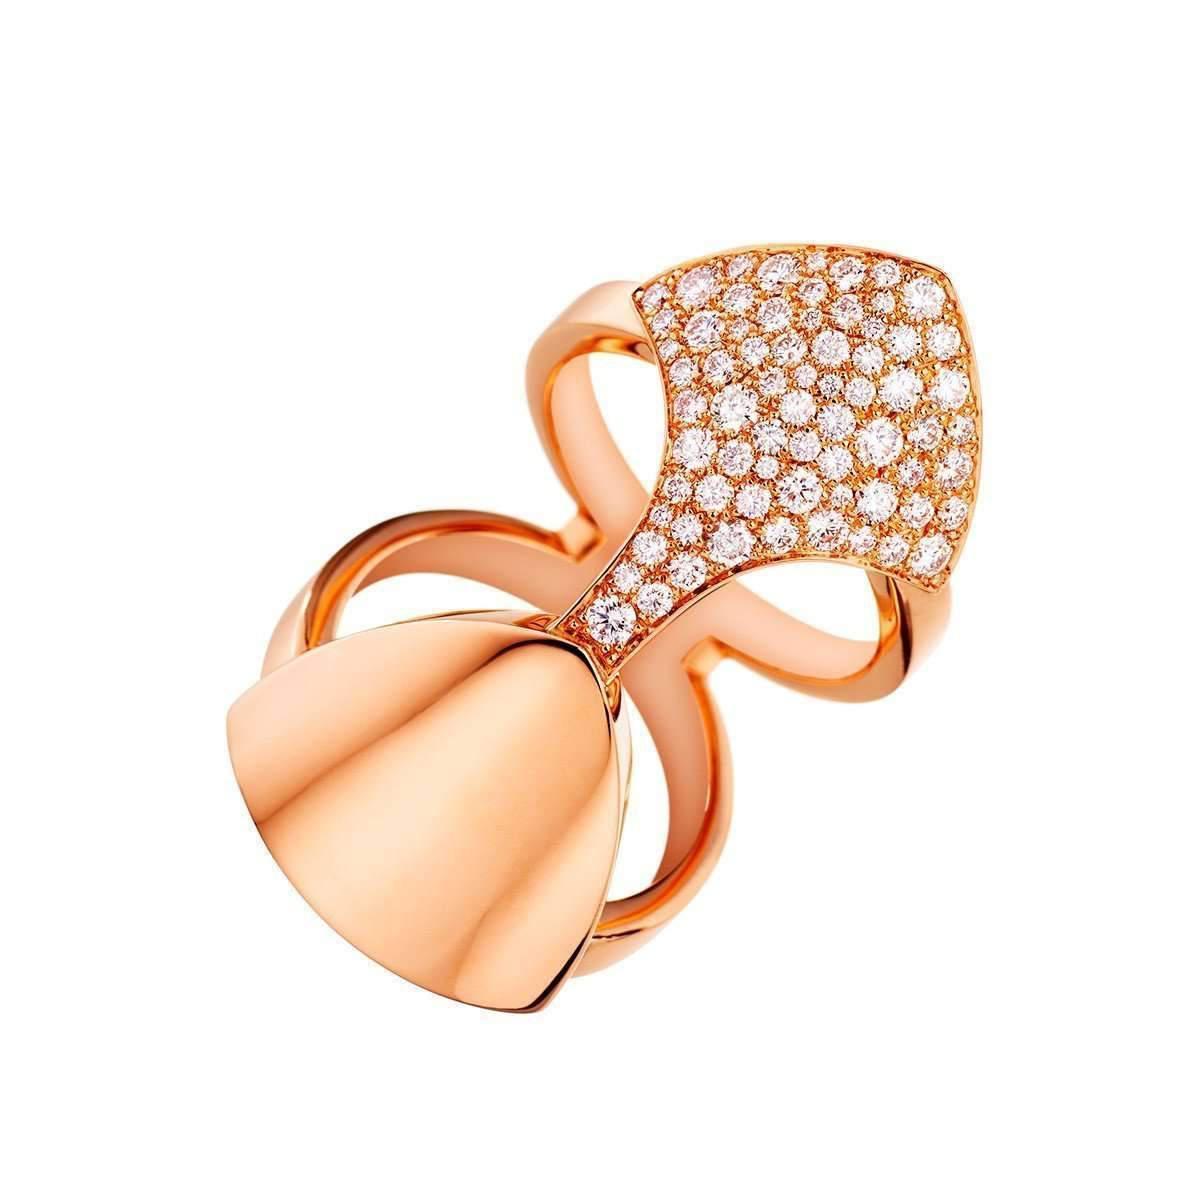 Akillis Python Armor Rose Gold Set With Diamonds Ring - UK L 1/4 - US 5 3/4 - EU 52 QT48Z